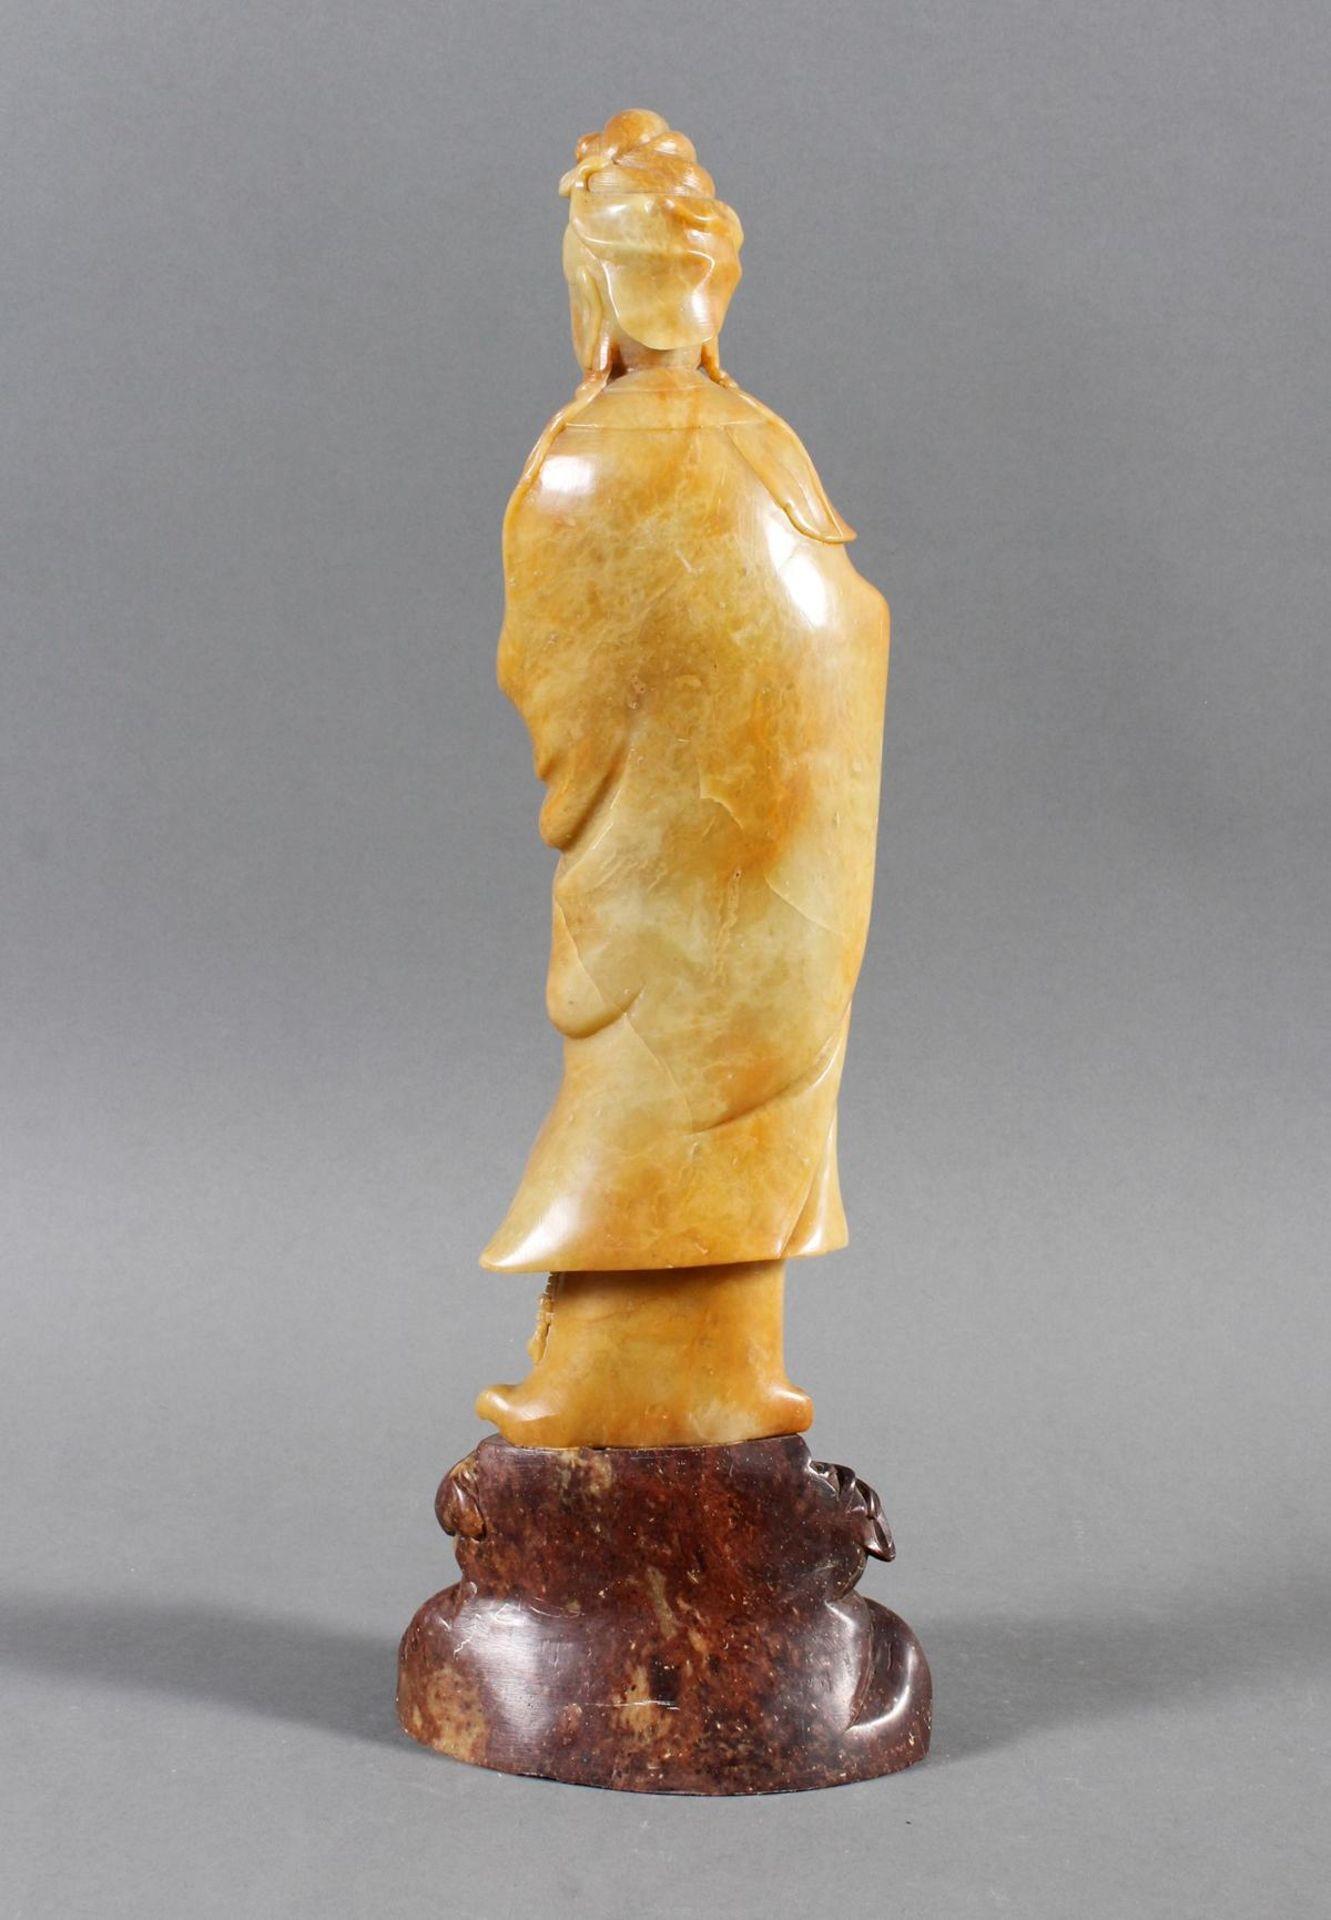 Stehende Guanjin aus seladonfarbenen Steatit - Bild 4 aus 8